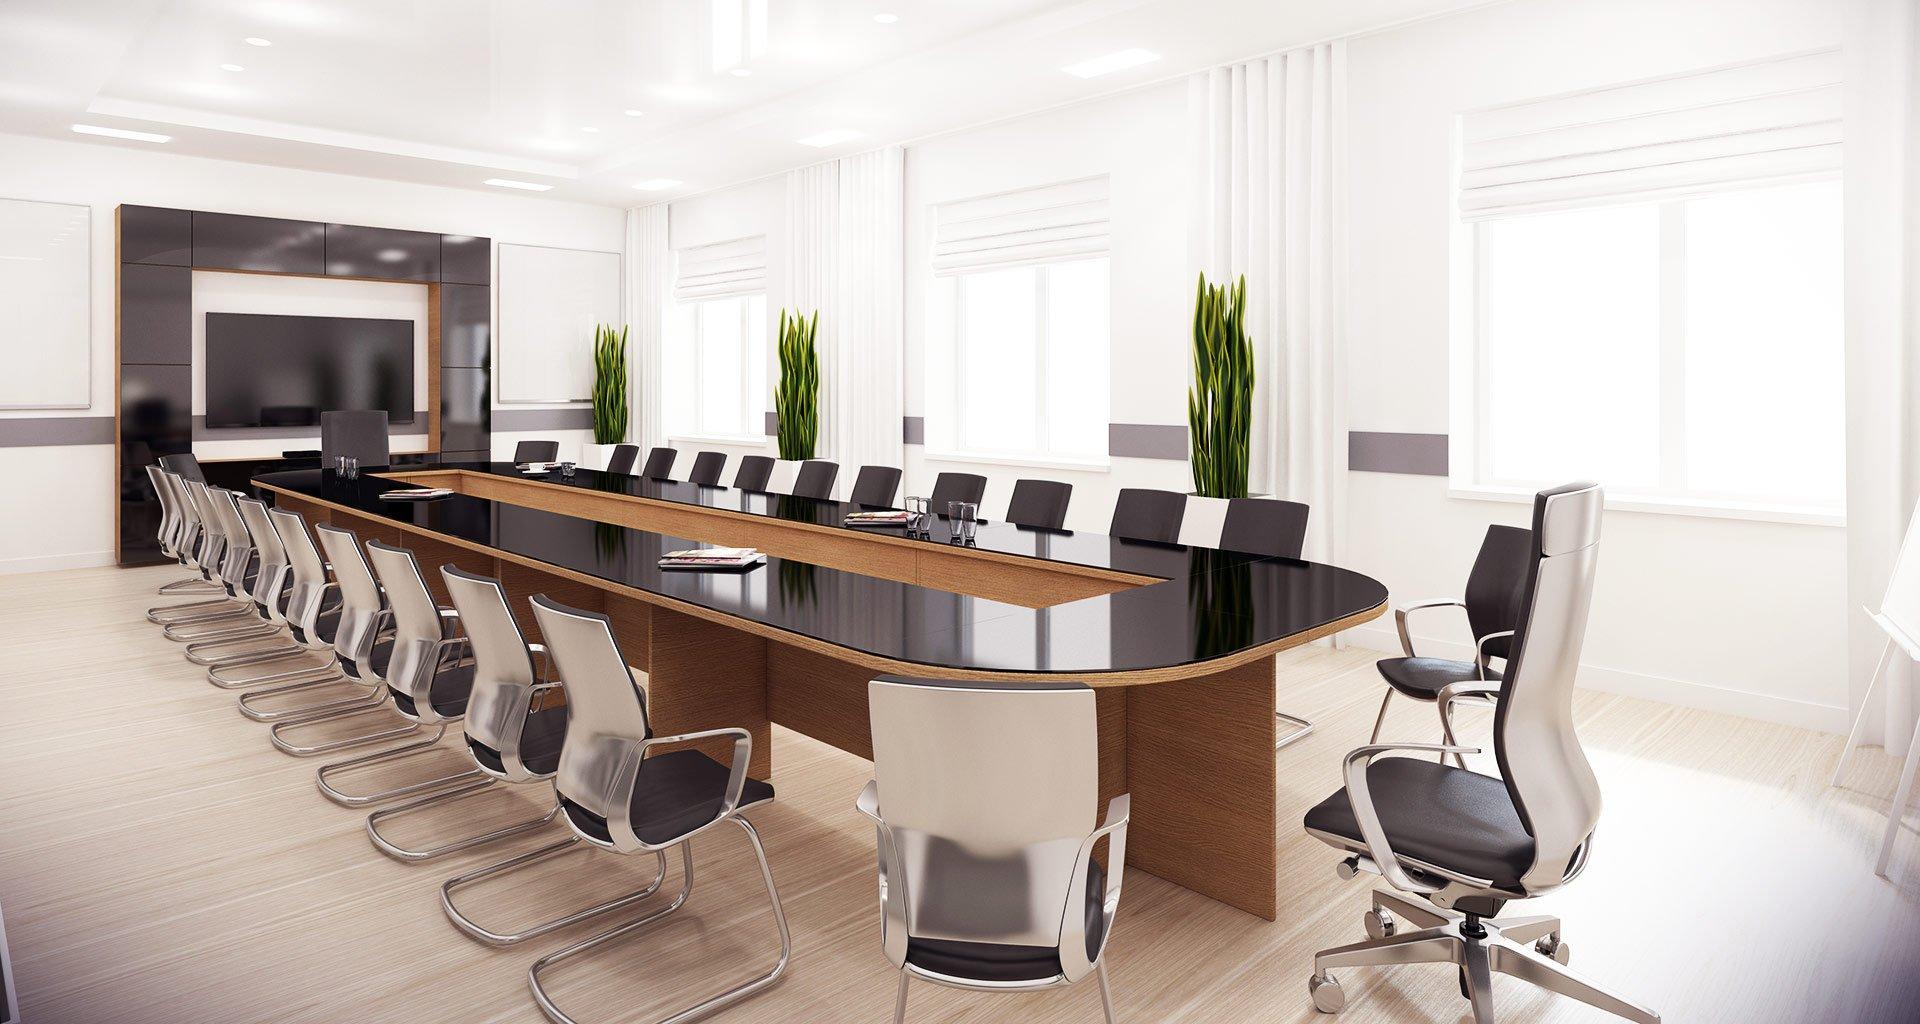 Konferenzraum und Konferenztechnik